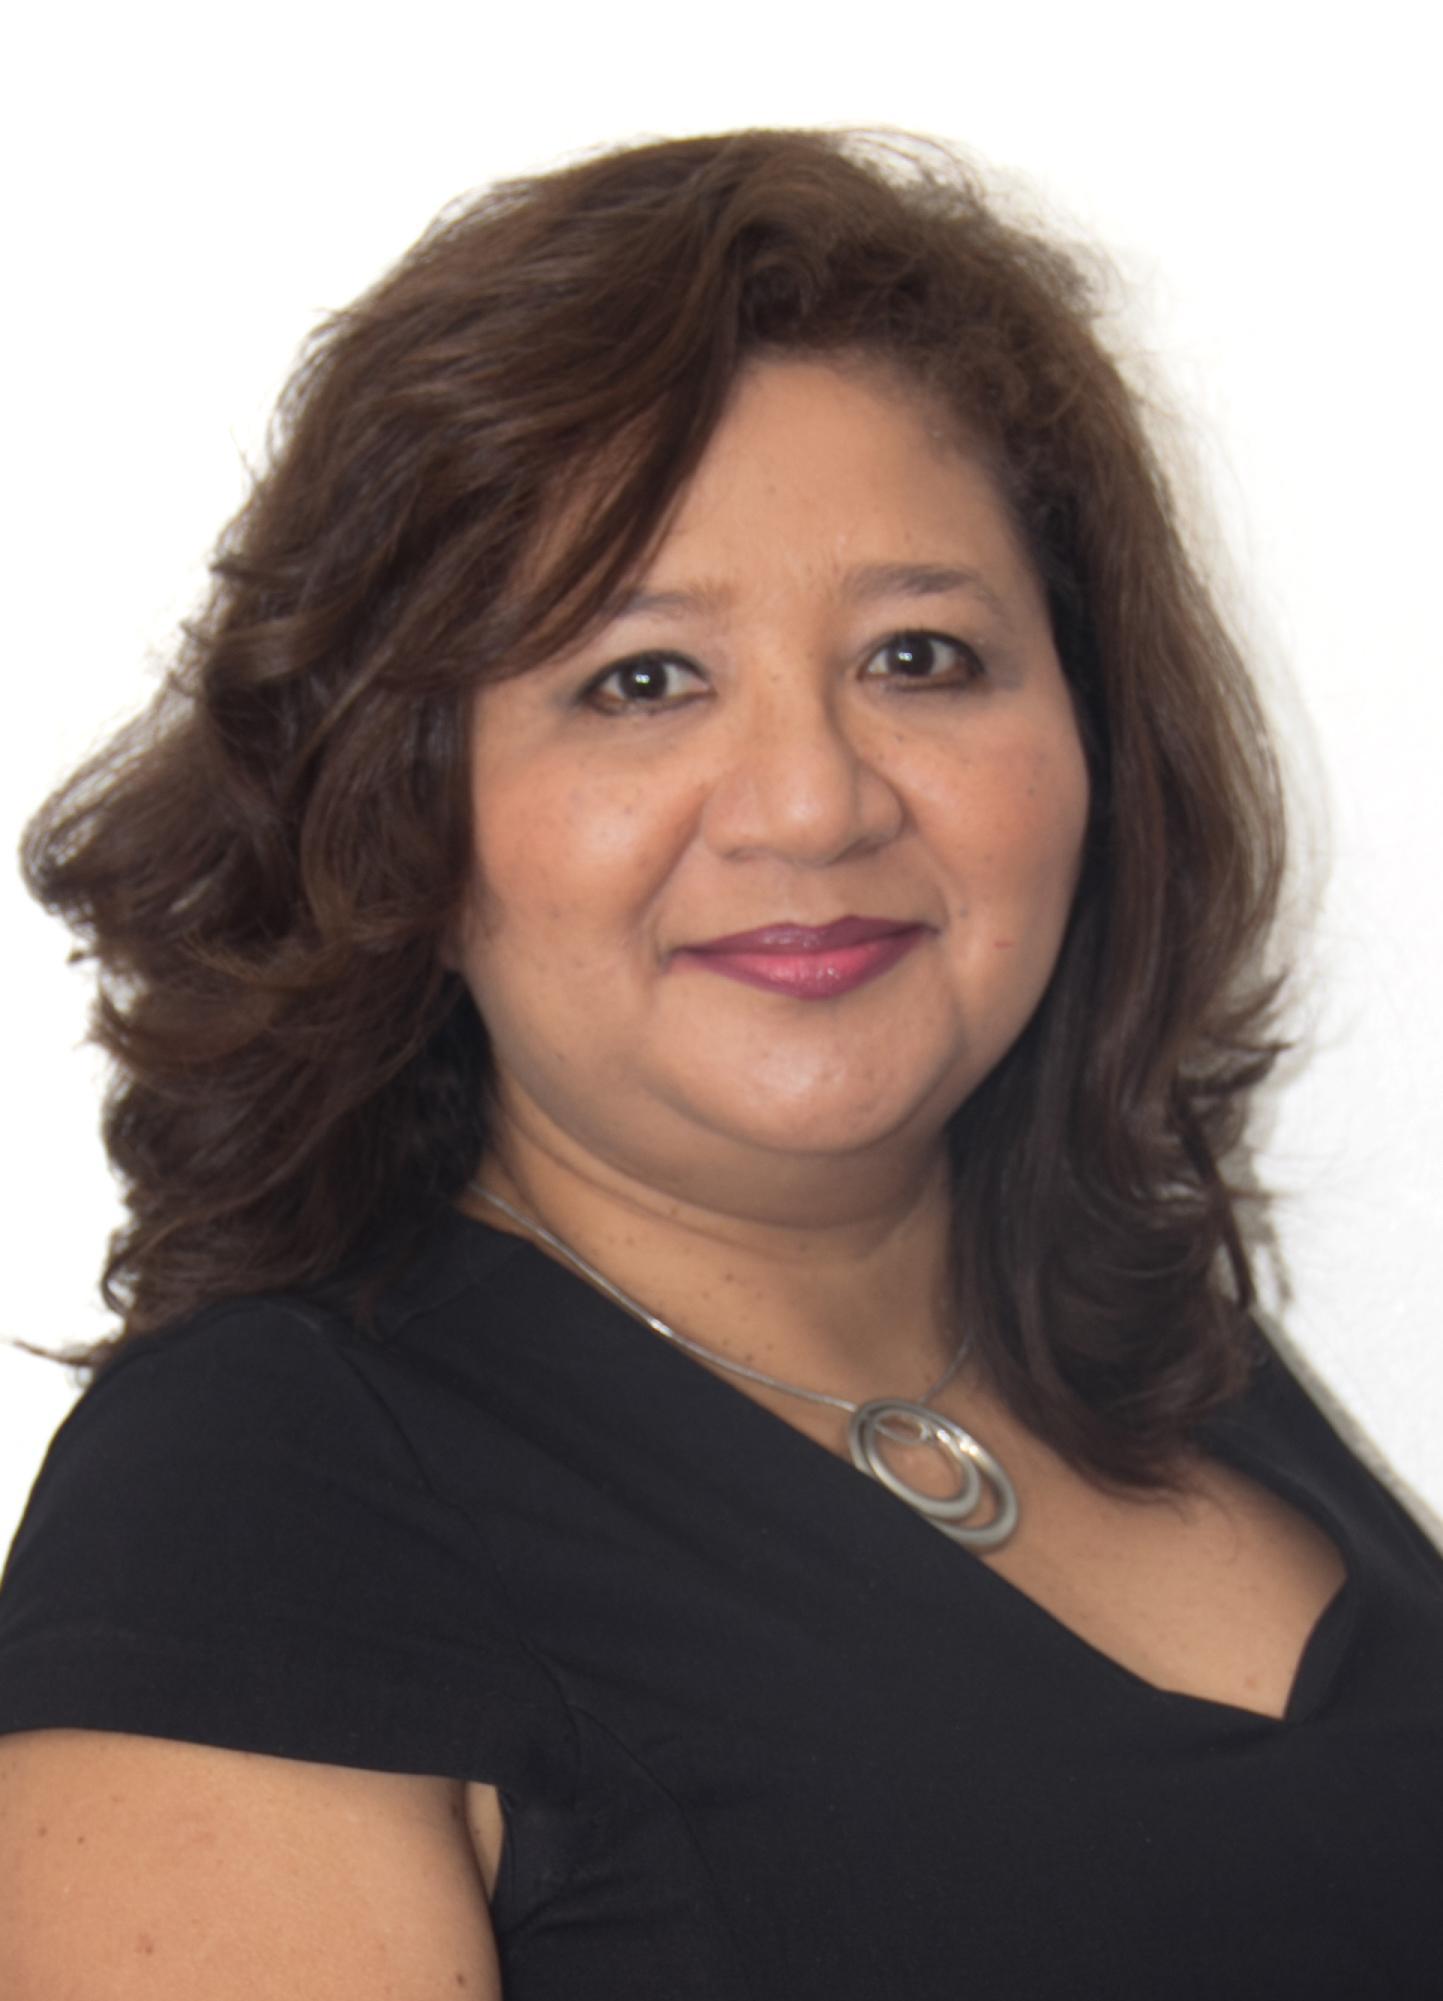 foto de Dra. Elia Esmeralda Espinoza Chicas